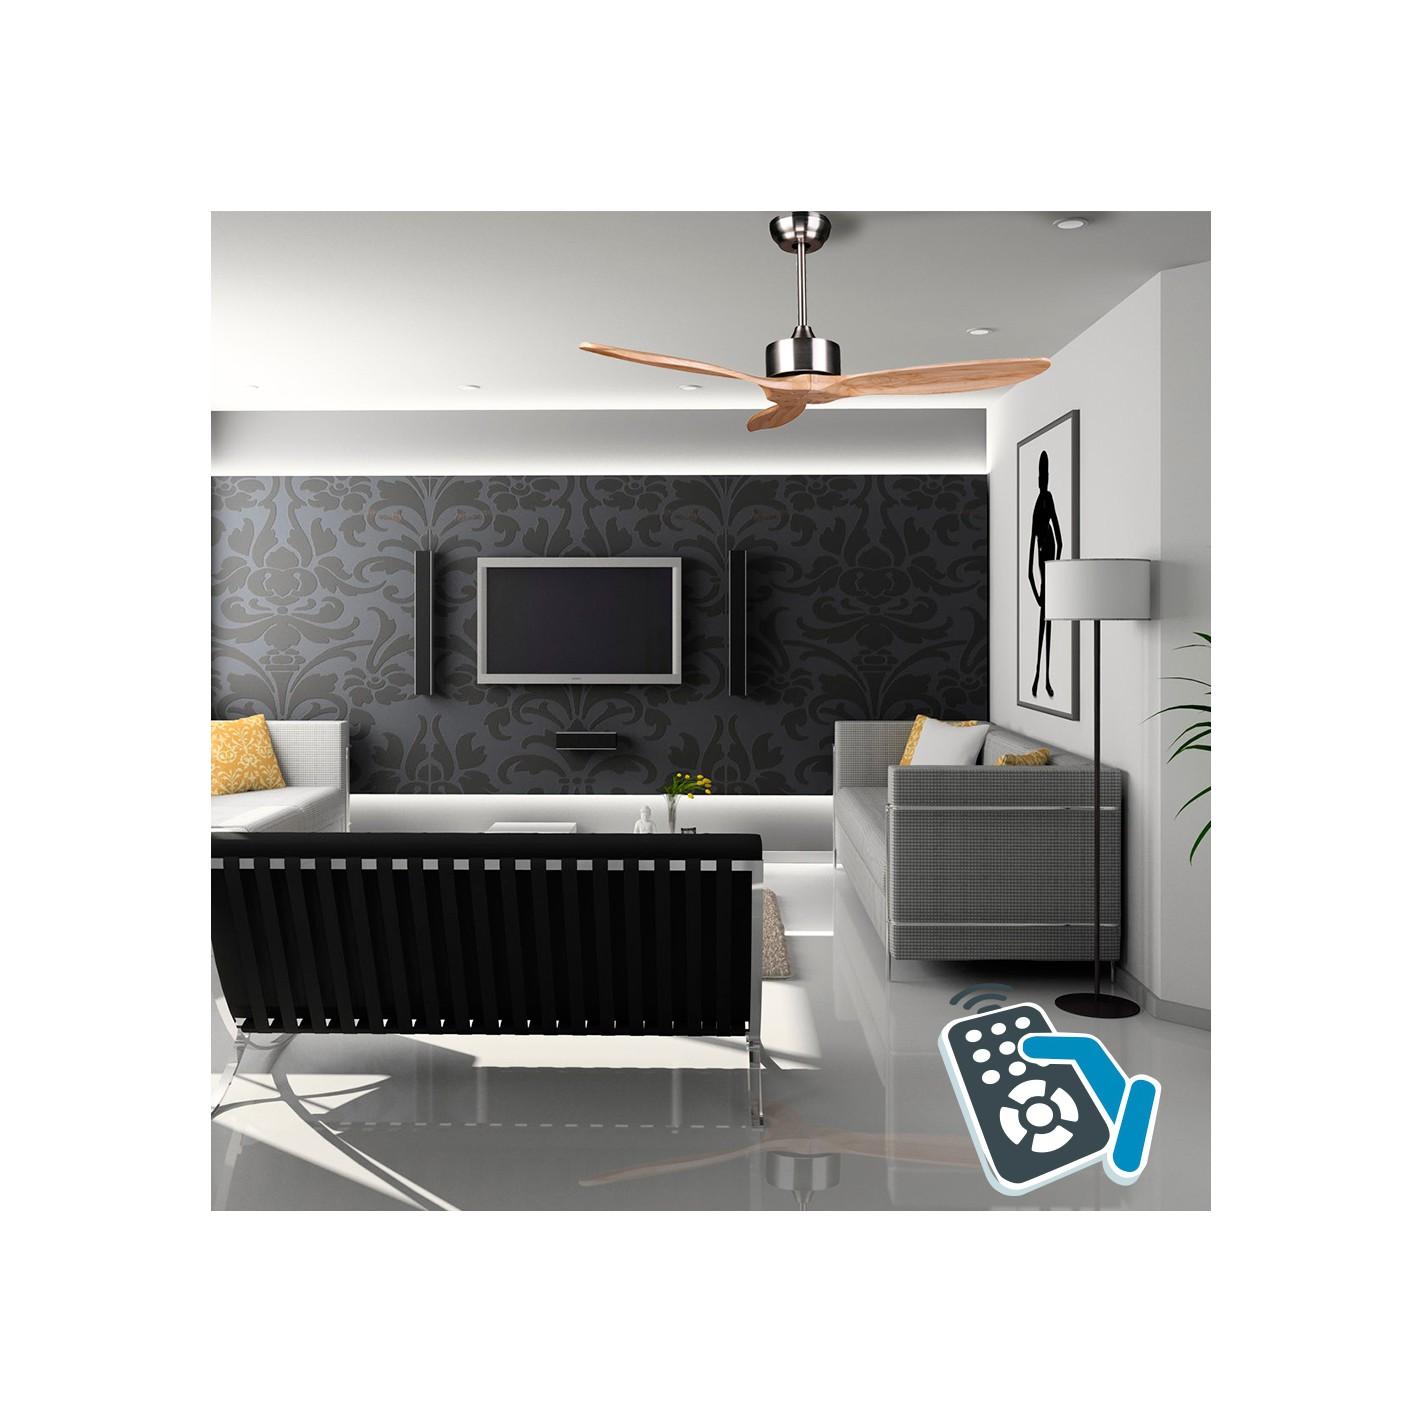 Ventilador de techo dc sin luz serie arime chromo madera - Ventiladores de techo sin luz ...